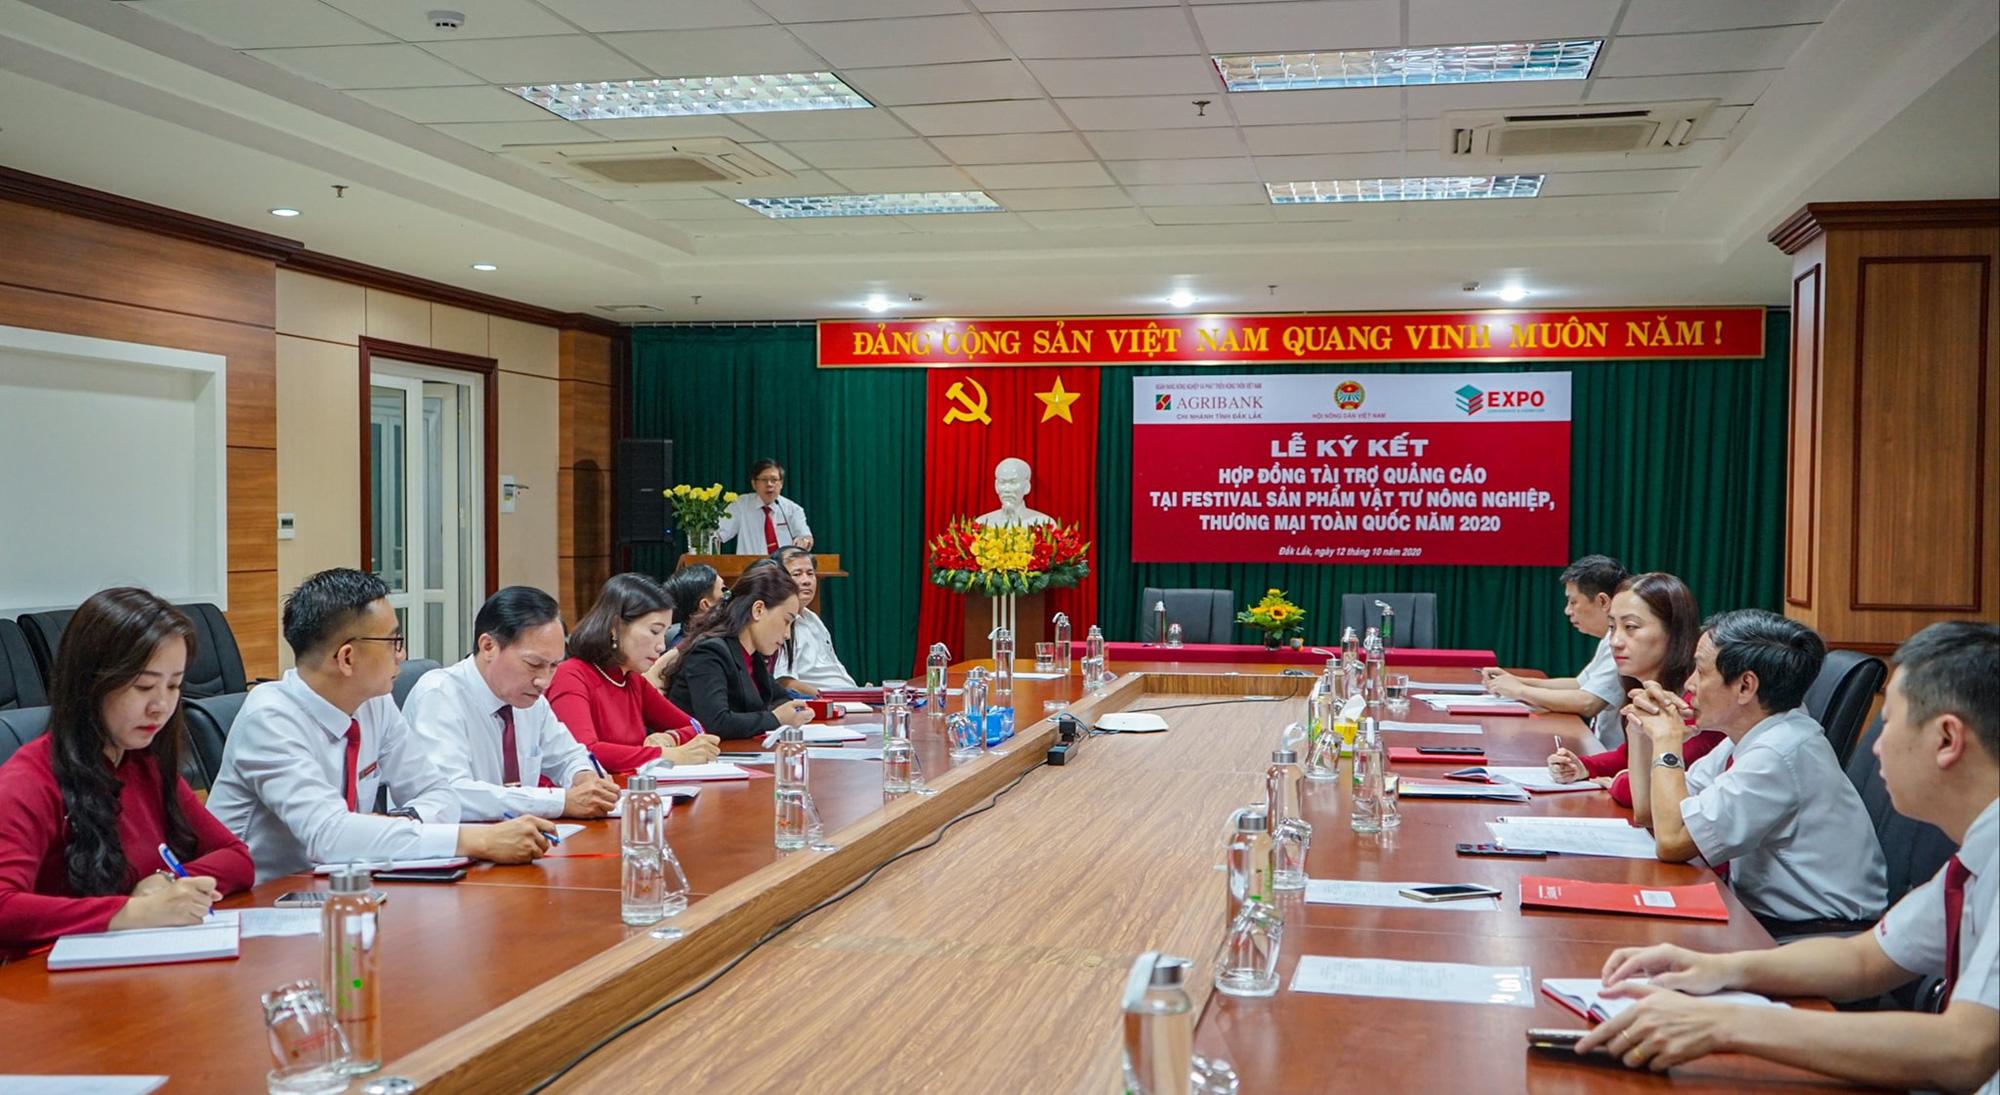 Lễ ký kết hợp đồng tài trợ tại Festival sản phẩm vật tư nông nghiệp, thương mại toàn quốc năm 2020 - Ảnh 2.